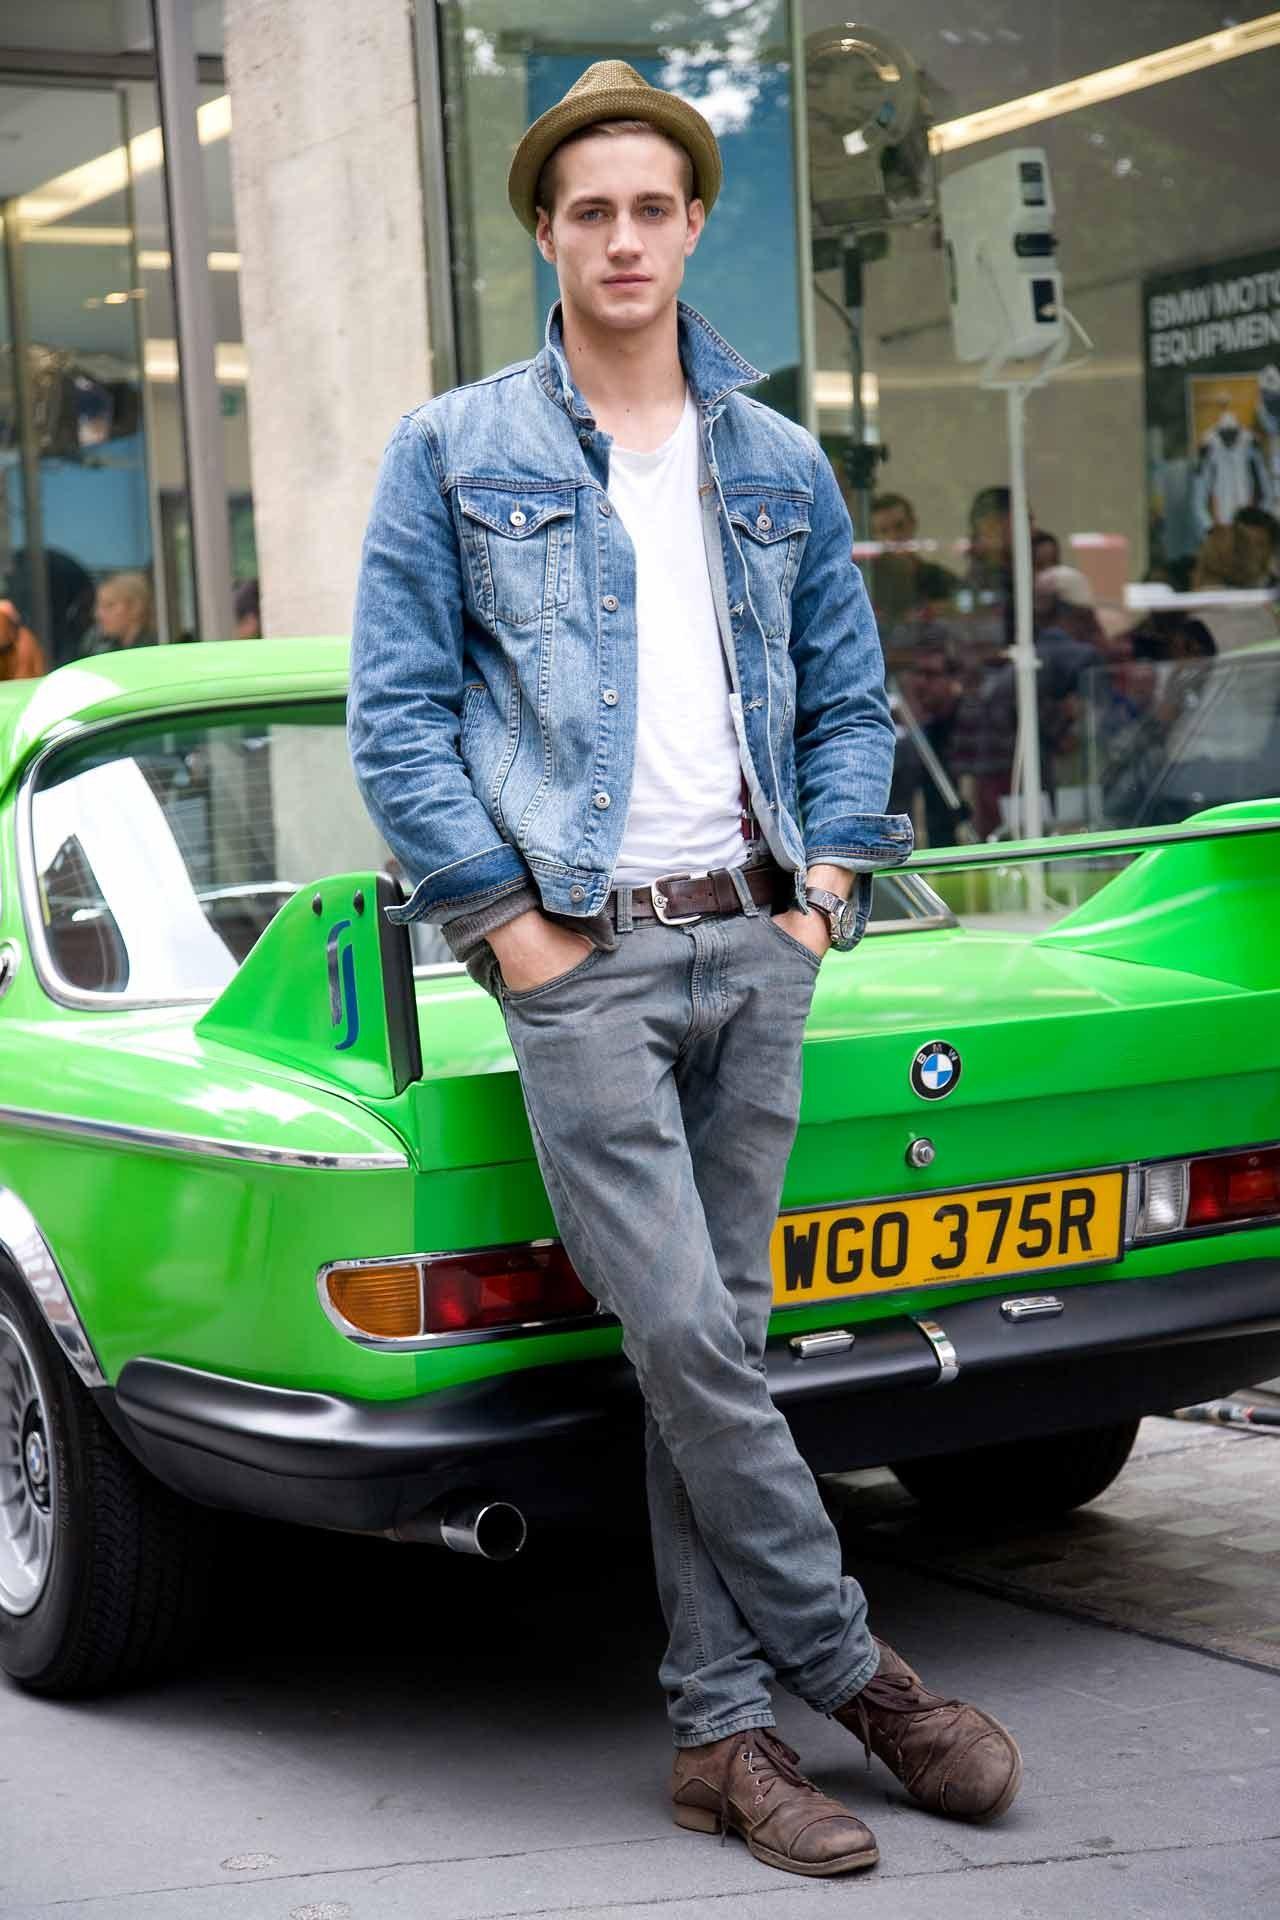 male-models-street-style-2013-casual-wear-for-men-15.jpg